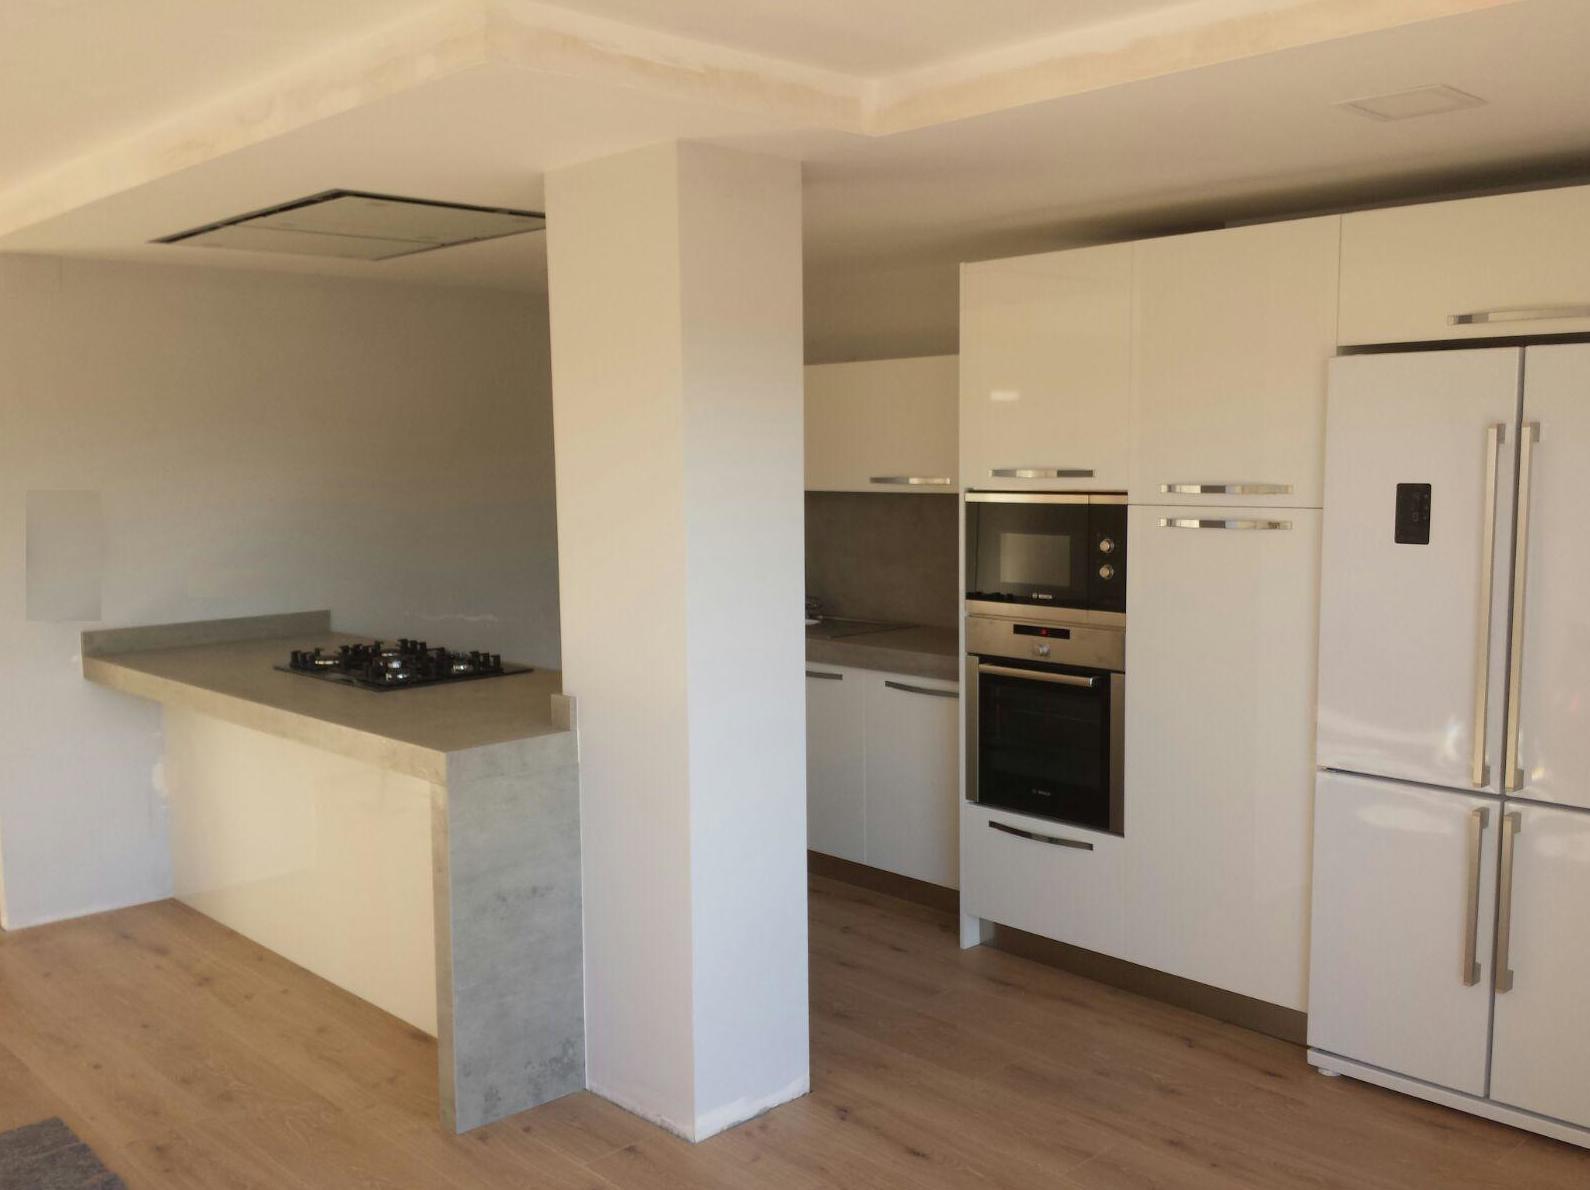 Foto 29 de Muebles de cocina en  | Diseño Cocina